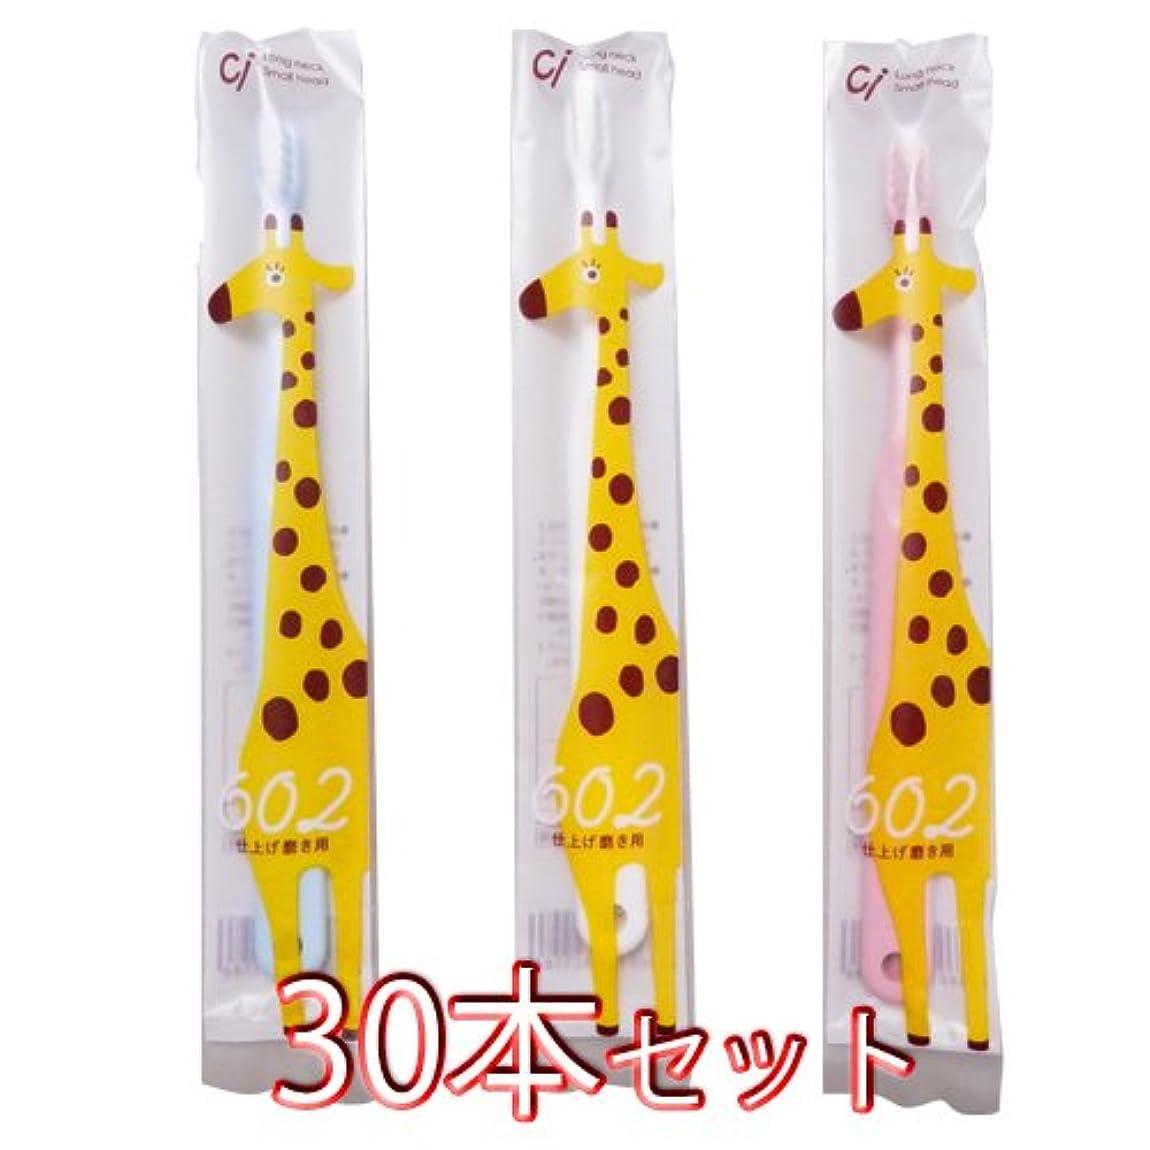 あなたは雇う売り手Ciメディカル 歯ブラシ Ci602 仕上げ磨き用 30本入